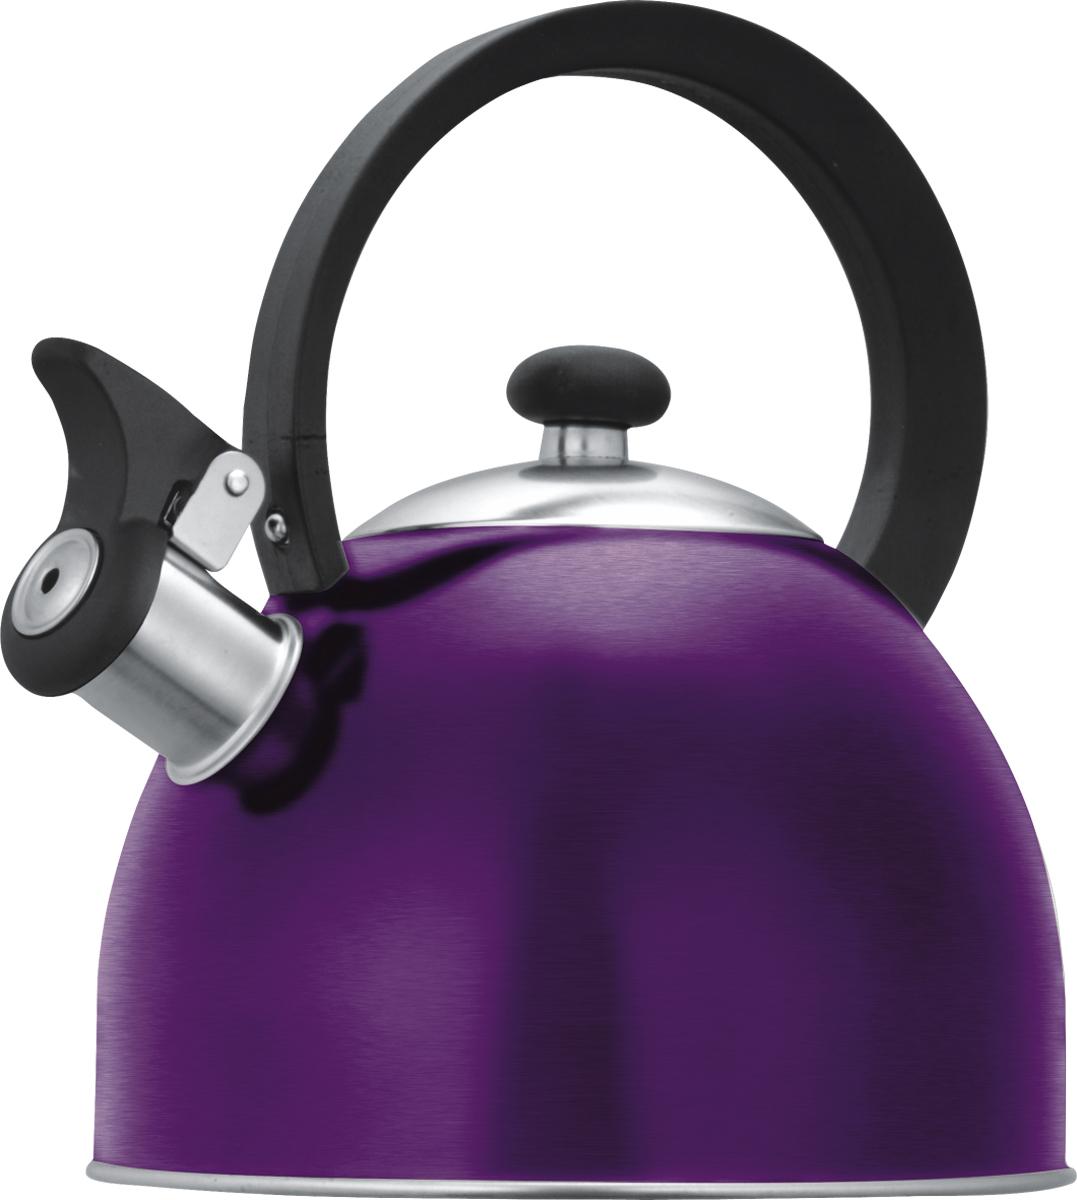 Чайник со свистком Lumme, цвет: фиолетовый, 1,8 л. LU-256VT-1520(SR)цветной со свистком 1,8л нержавеющая сталь, фиксированная ручка